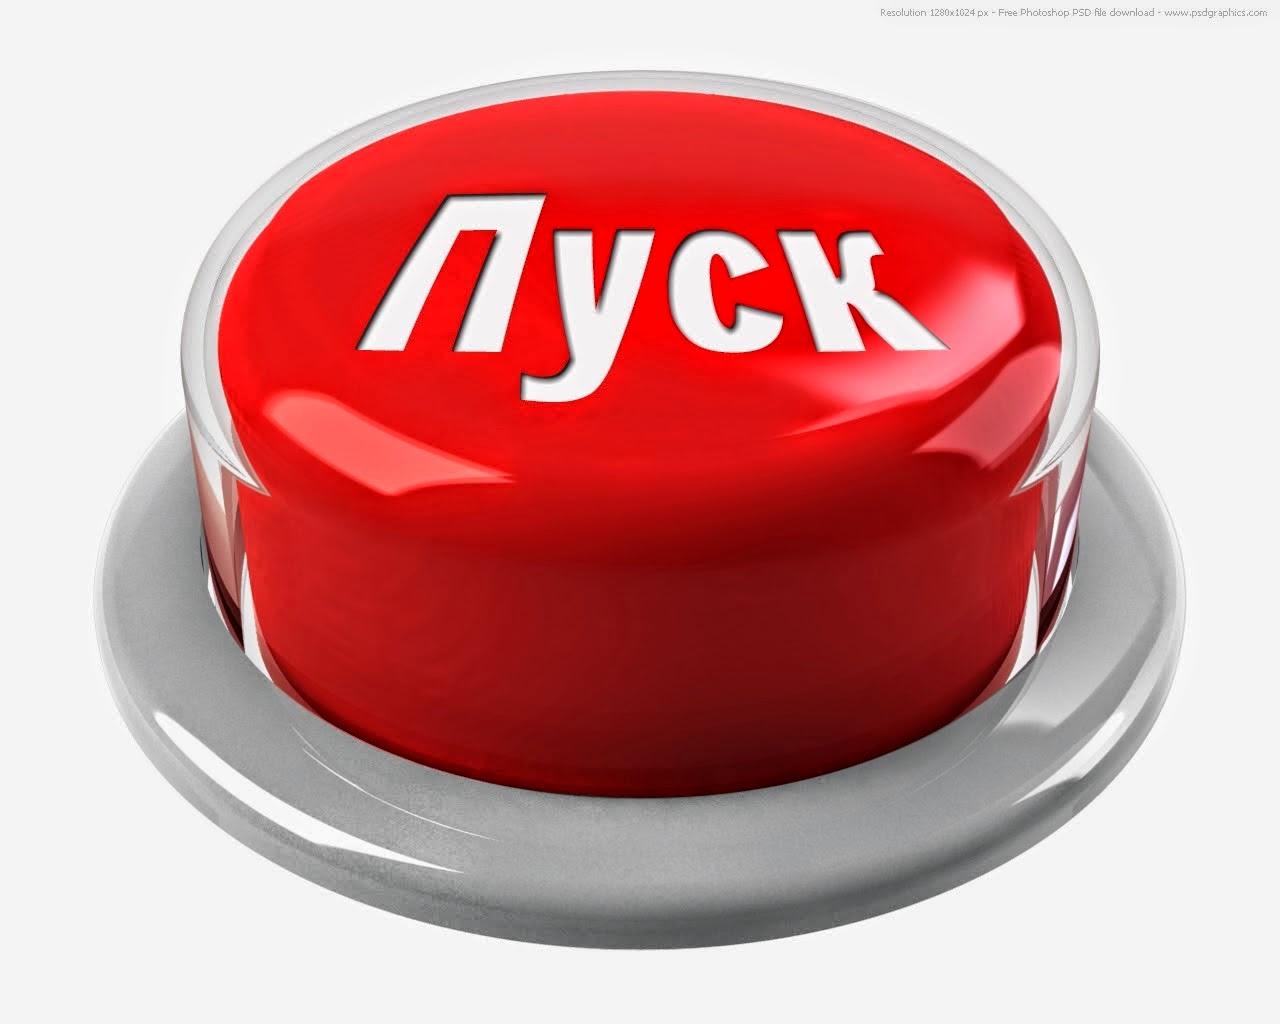 Открытки нажми на кнопку